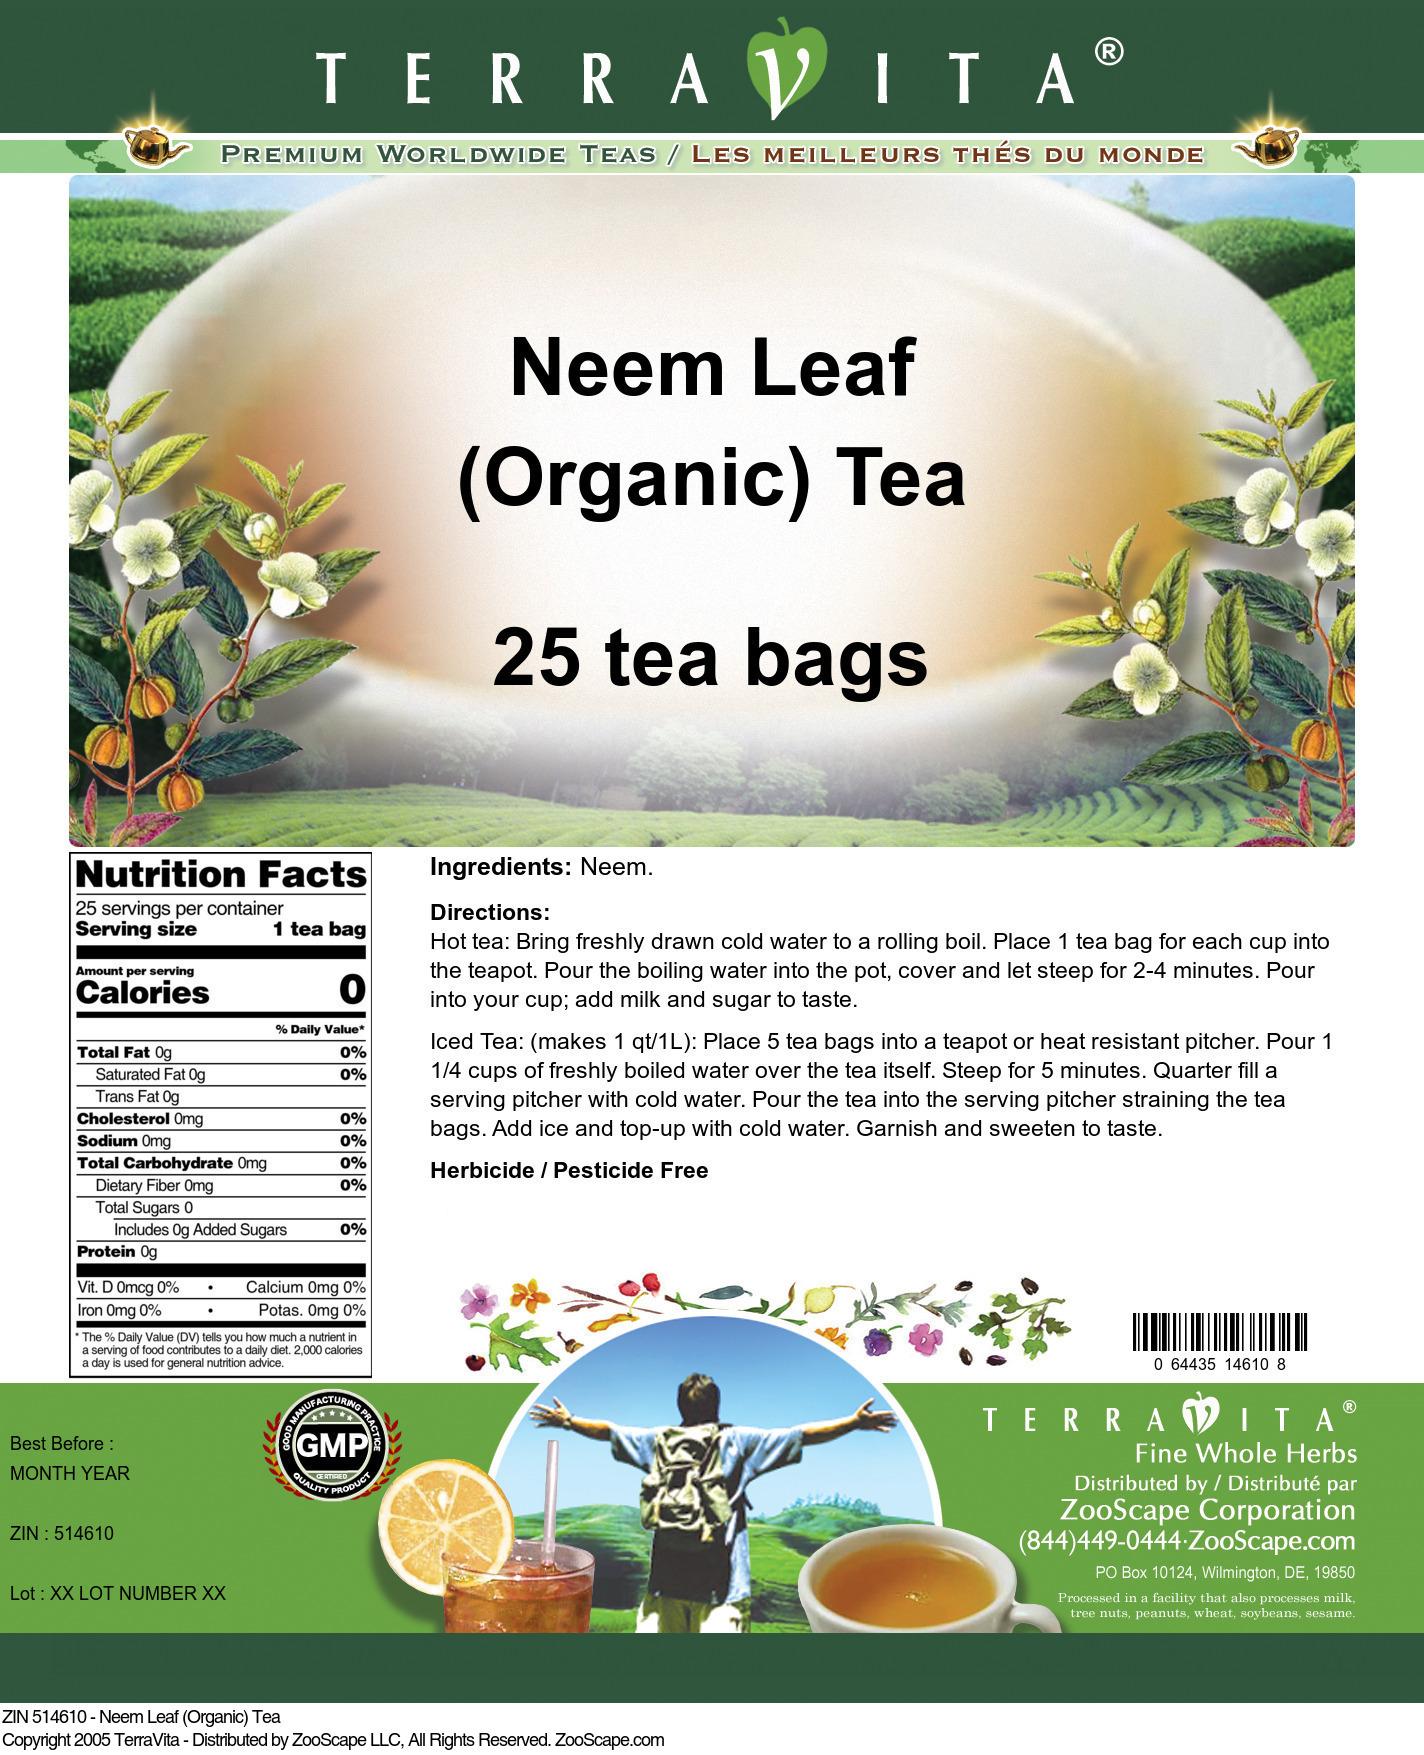 Neem Leaf (Organic) Tea